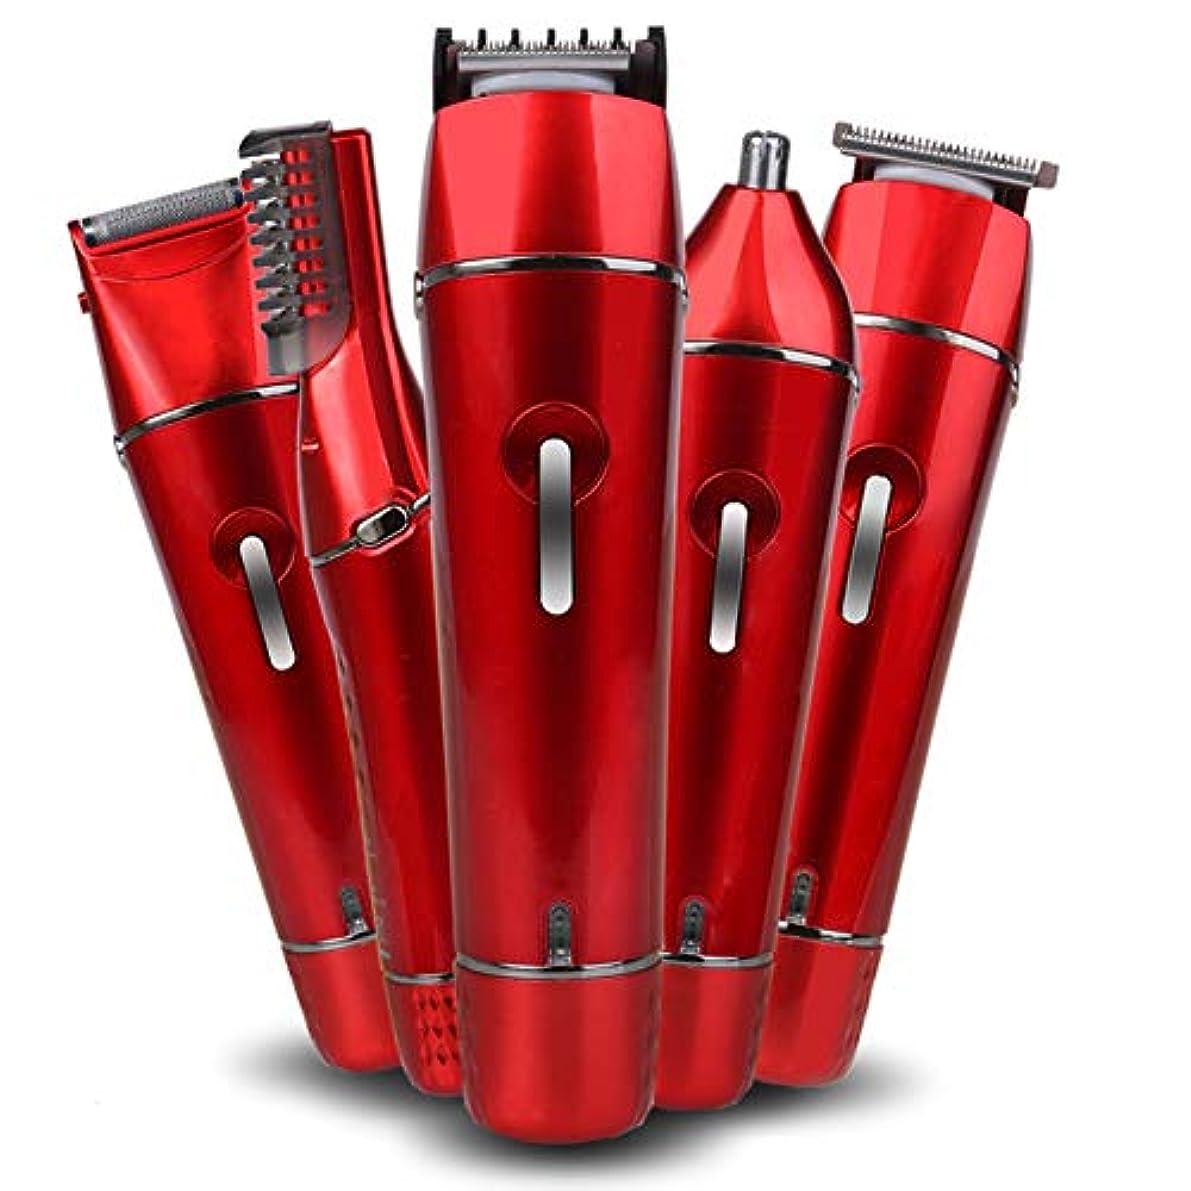 アルミニウム推測骨の折れる女性のヘアリムーバー、5 in 1 USB充電式レディース電気シェーバー、女性用かみそりビキニトリマー、顔/ボディ/脇下/脚用,Red